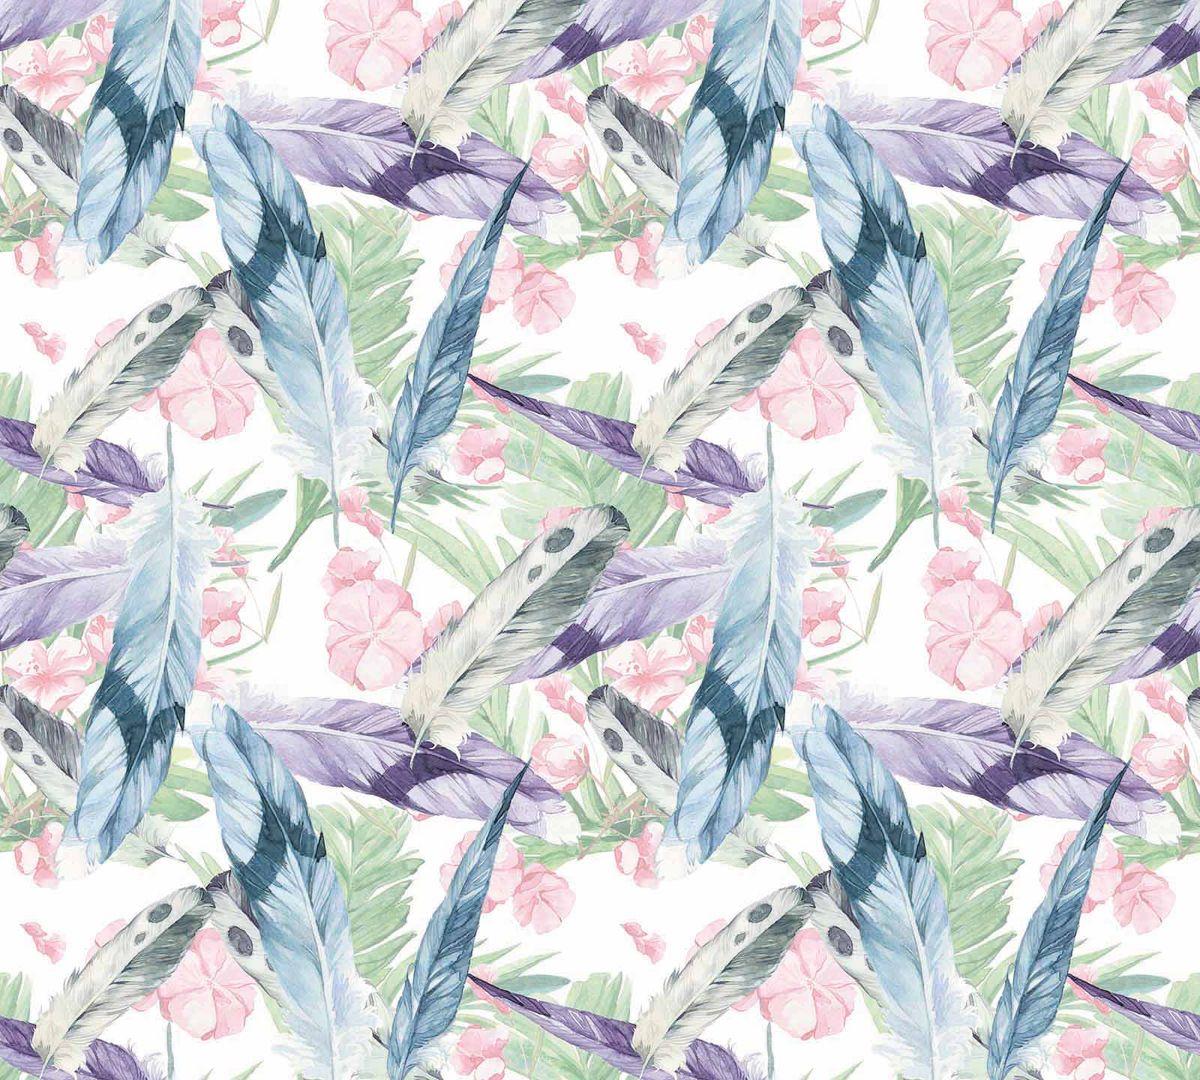 Фотообои Milan Перья, текстурные, 300 х 270 см. M 307 milan yohimbinum d4 5 мл возбуждающие капли на основе йохимбина